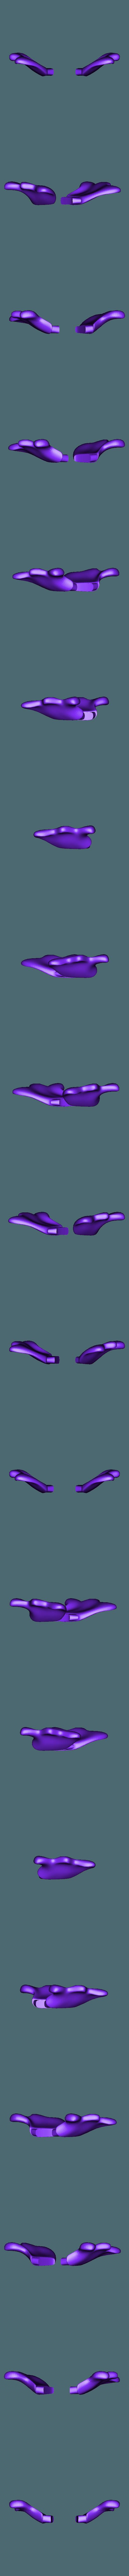 figurka_julka3.stl Télécharger fichier STL gratuit Figurine du monde enfant 2 • Modèle à imprimer en 3D, c47